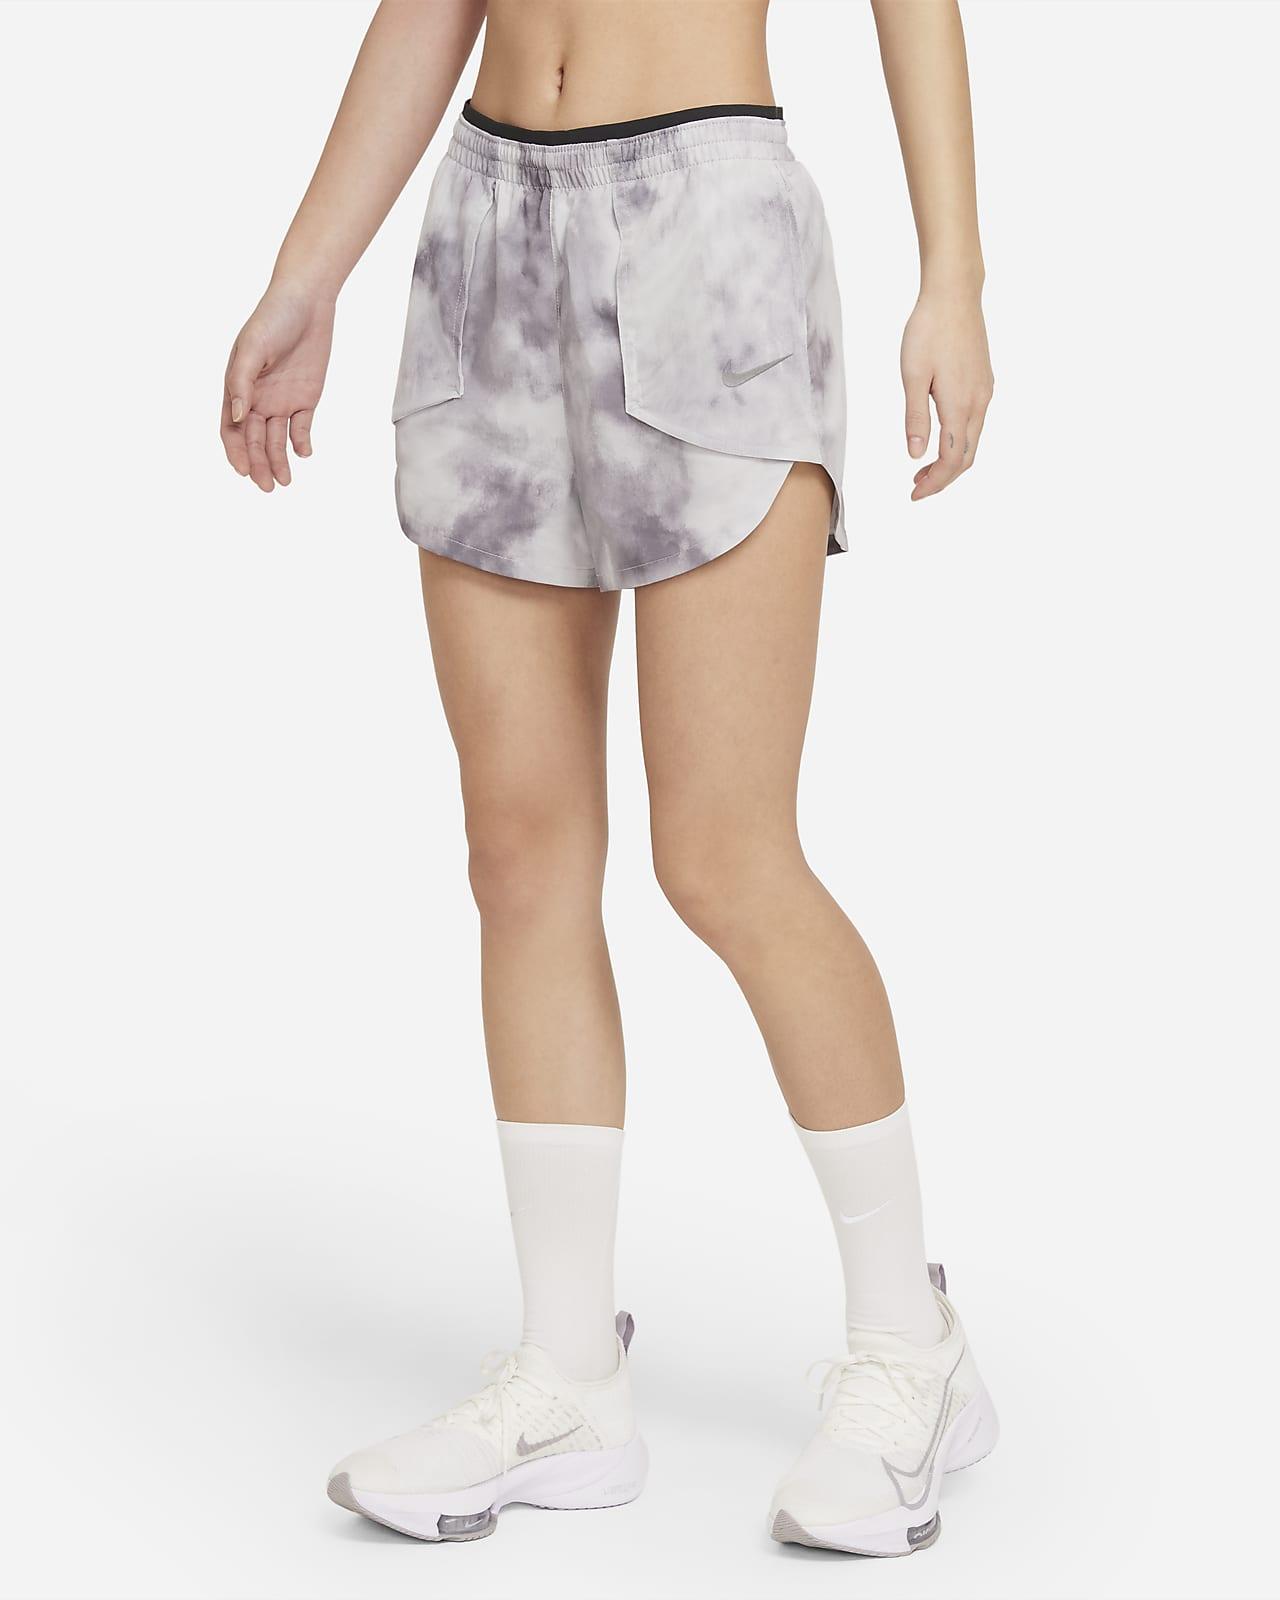 กางเกงวิ่งขาสั้นผู้หญิง Nike Tempo Luxe Icon Clash